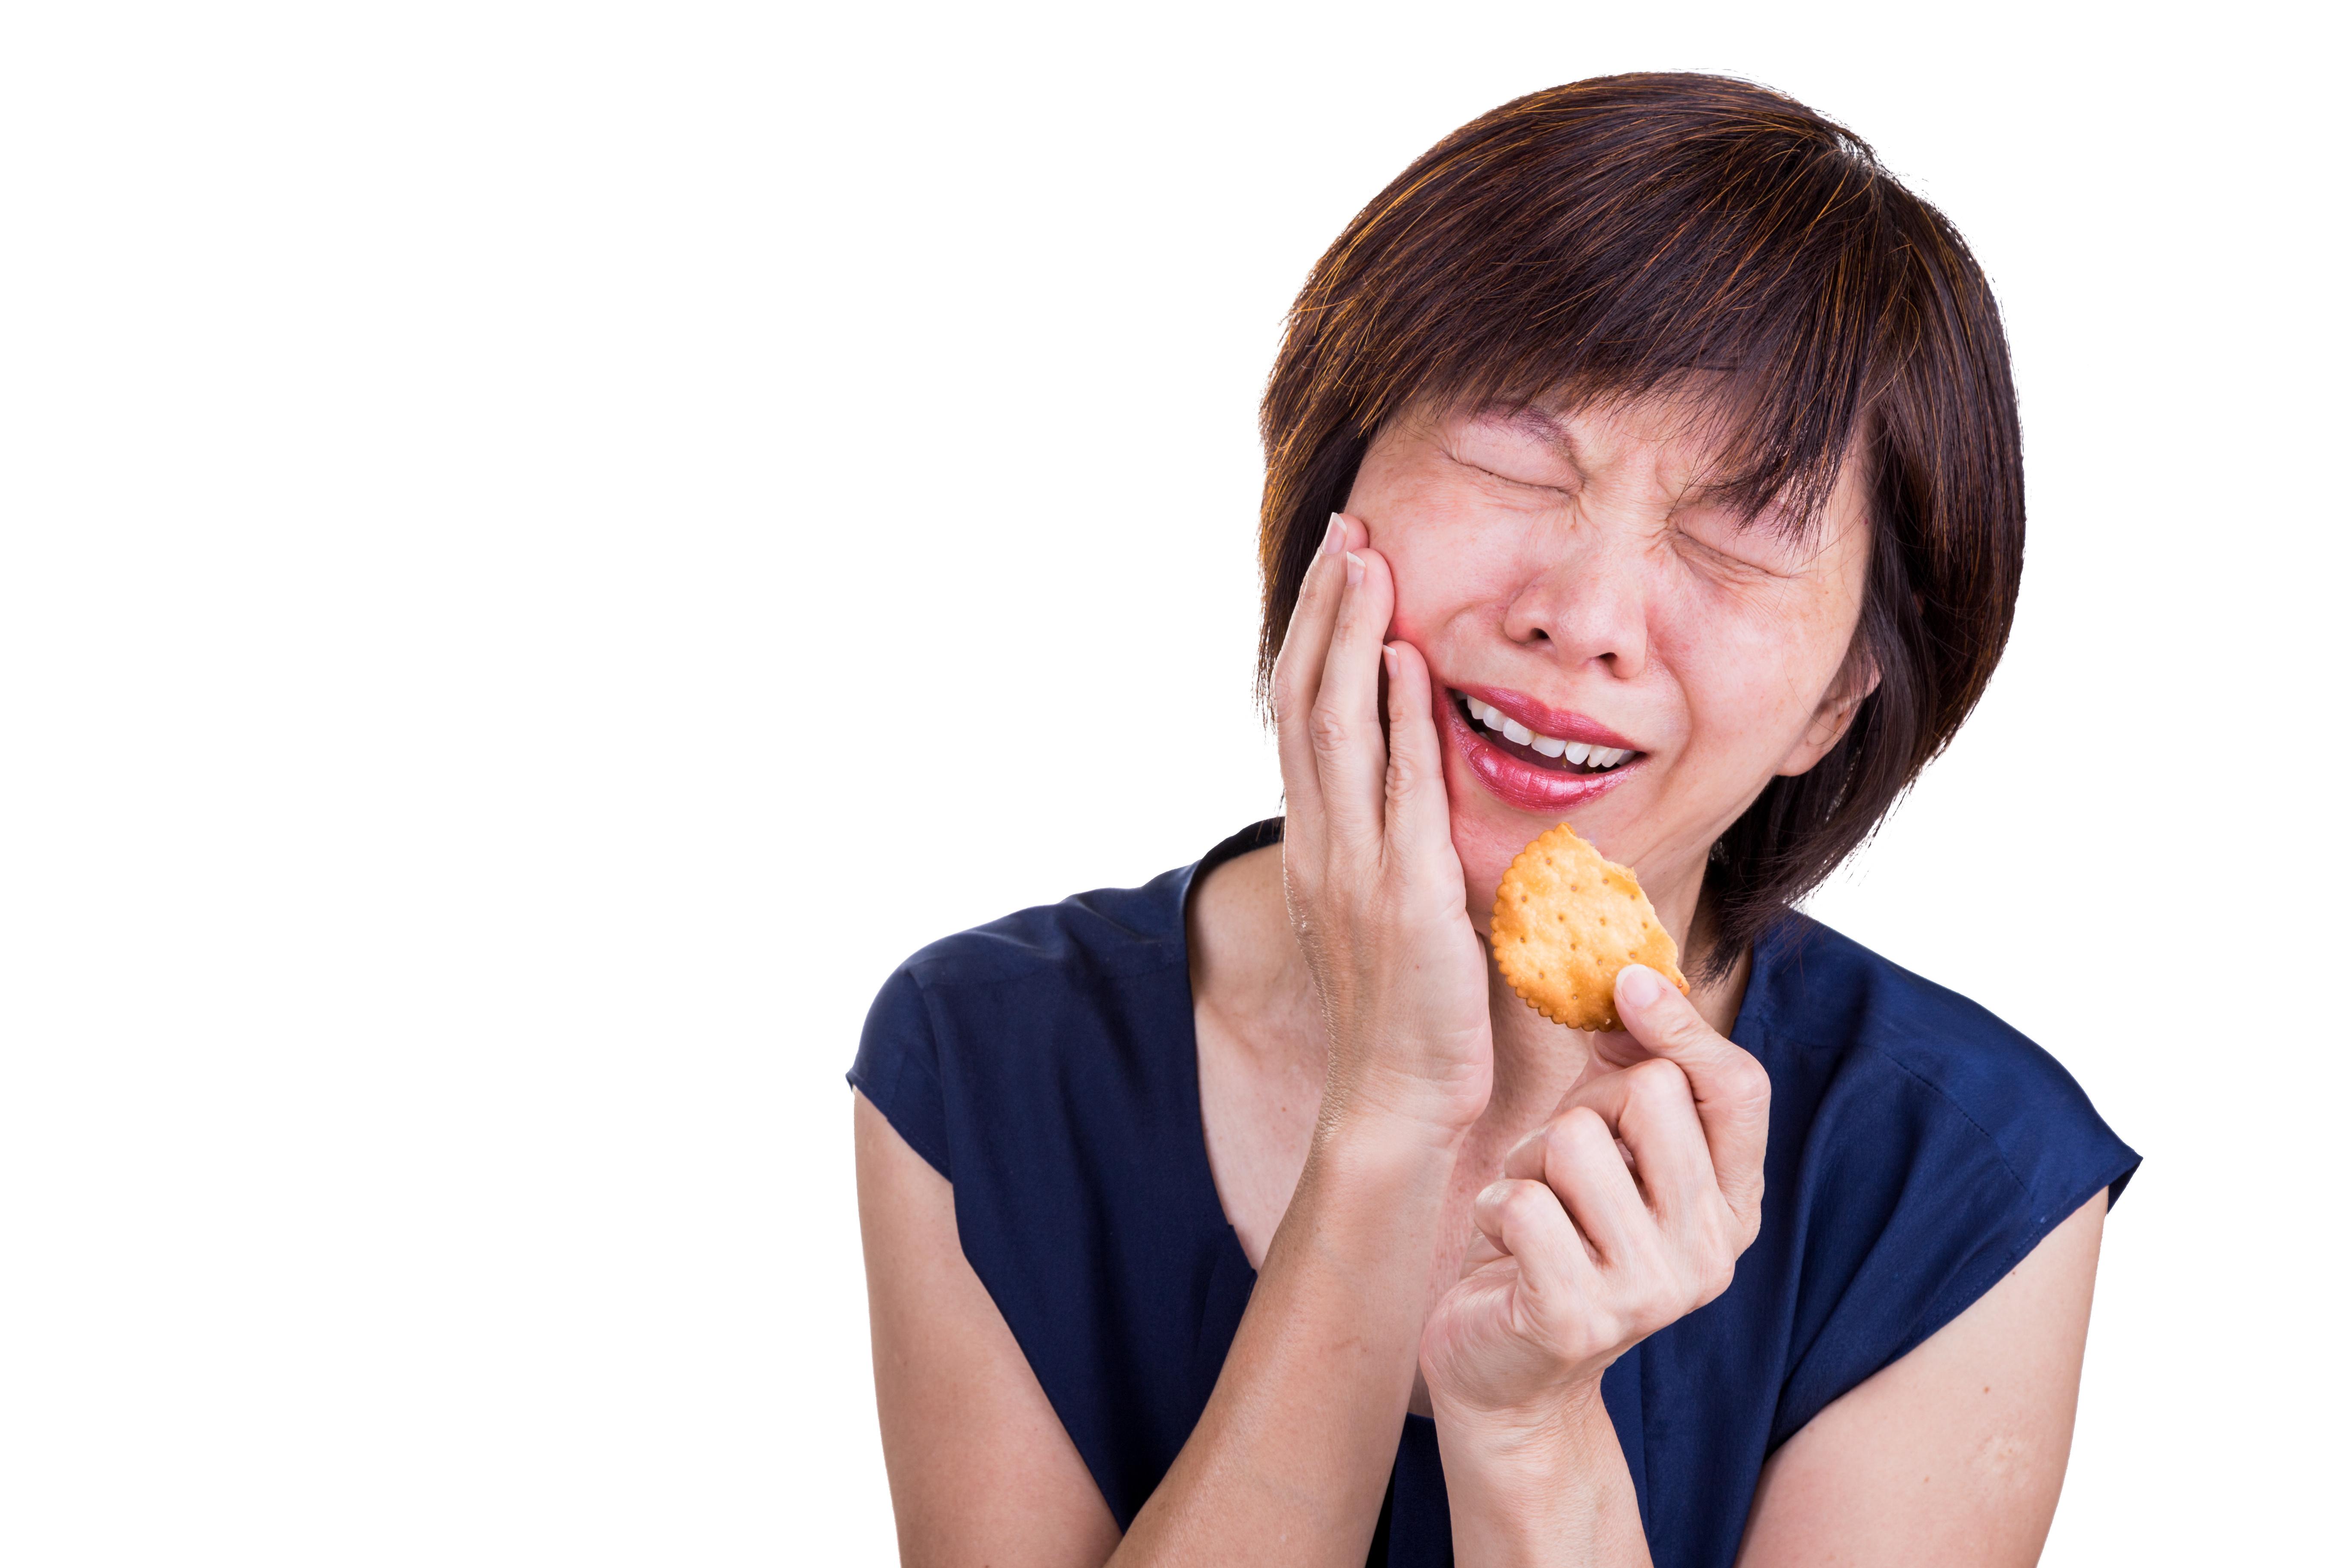 一度割れてしまった歯は痛みが治まらない?破折歯を診断するために知っておくべきこと